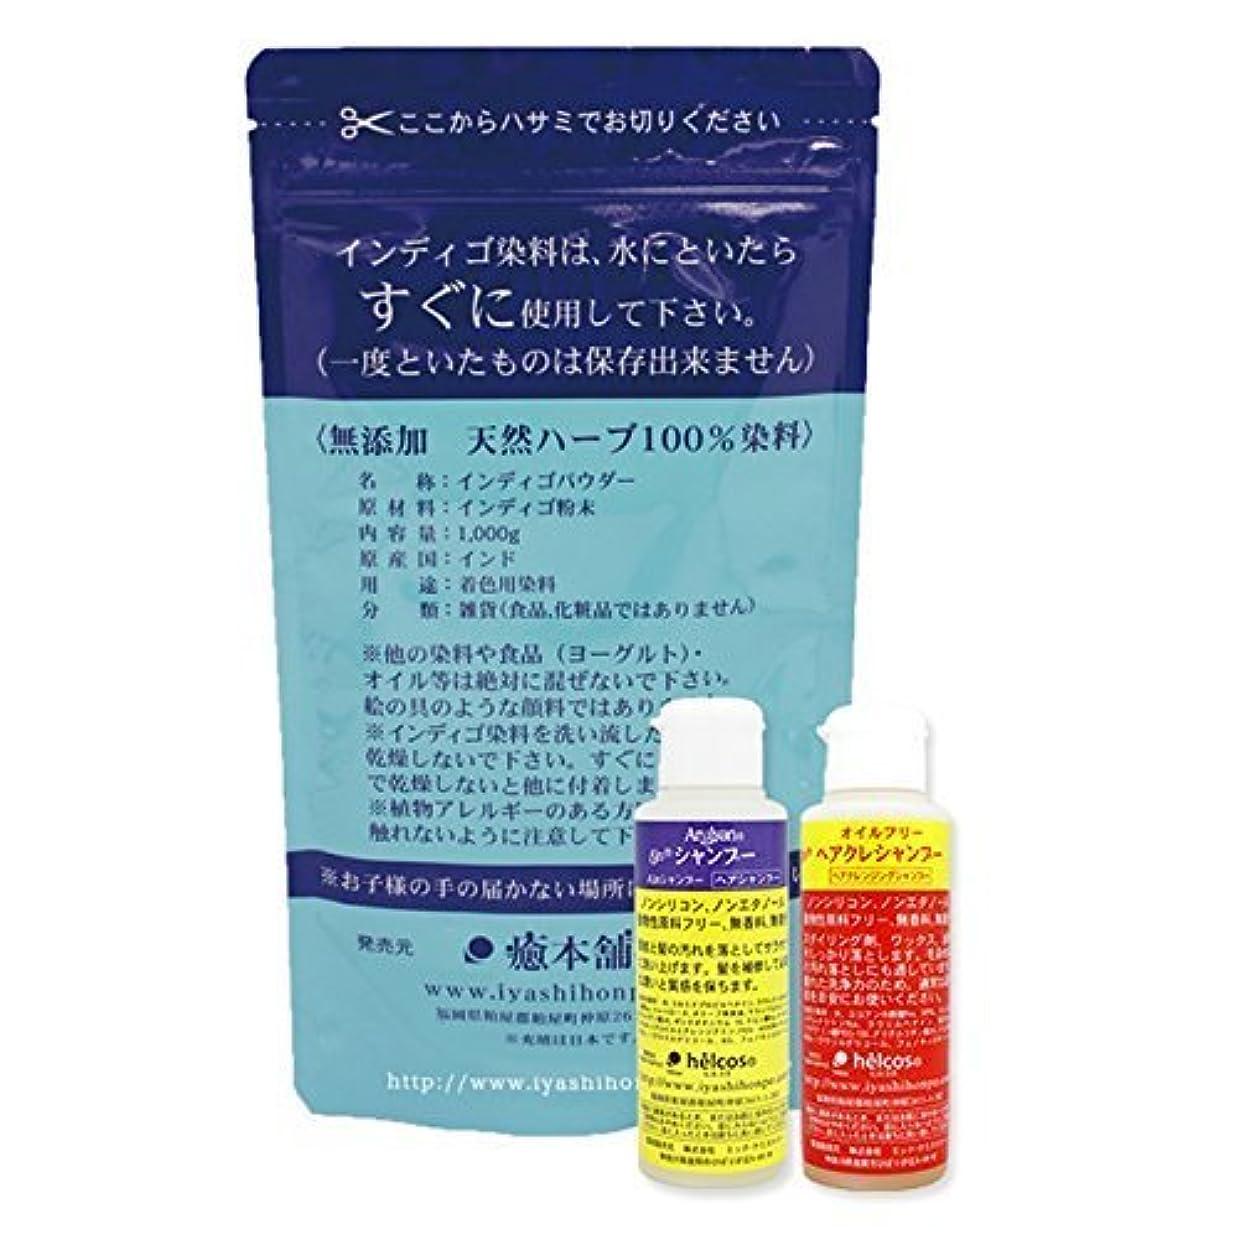 藤色ギネスワイド白髪染め インディゴ(天然染料100%) 1kg+シャンプー2種セット 癒本舗